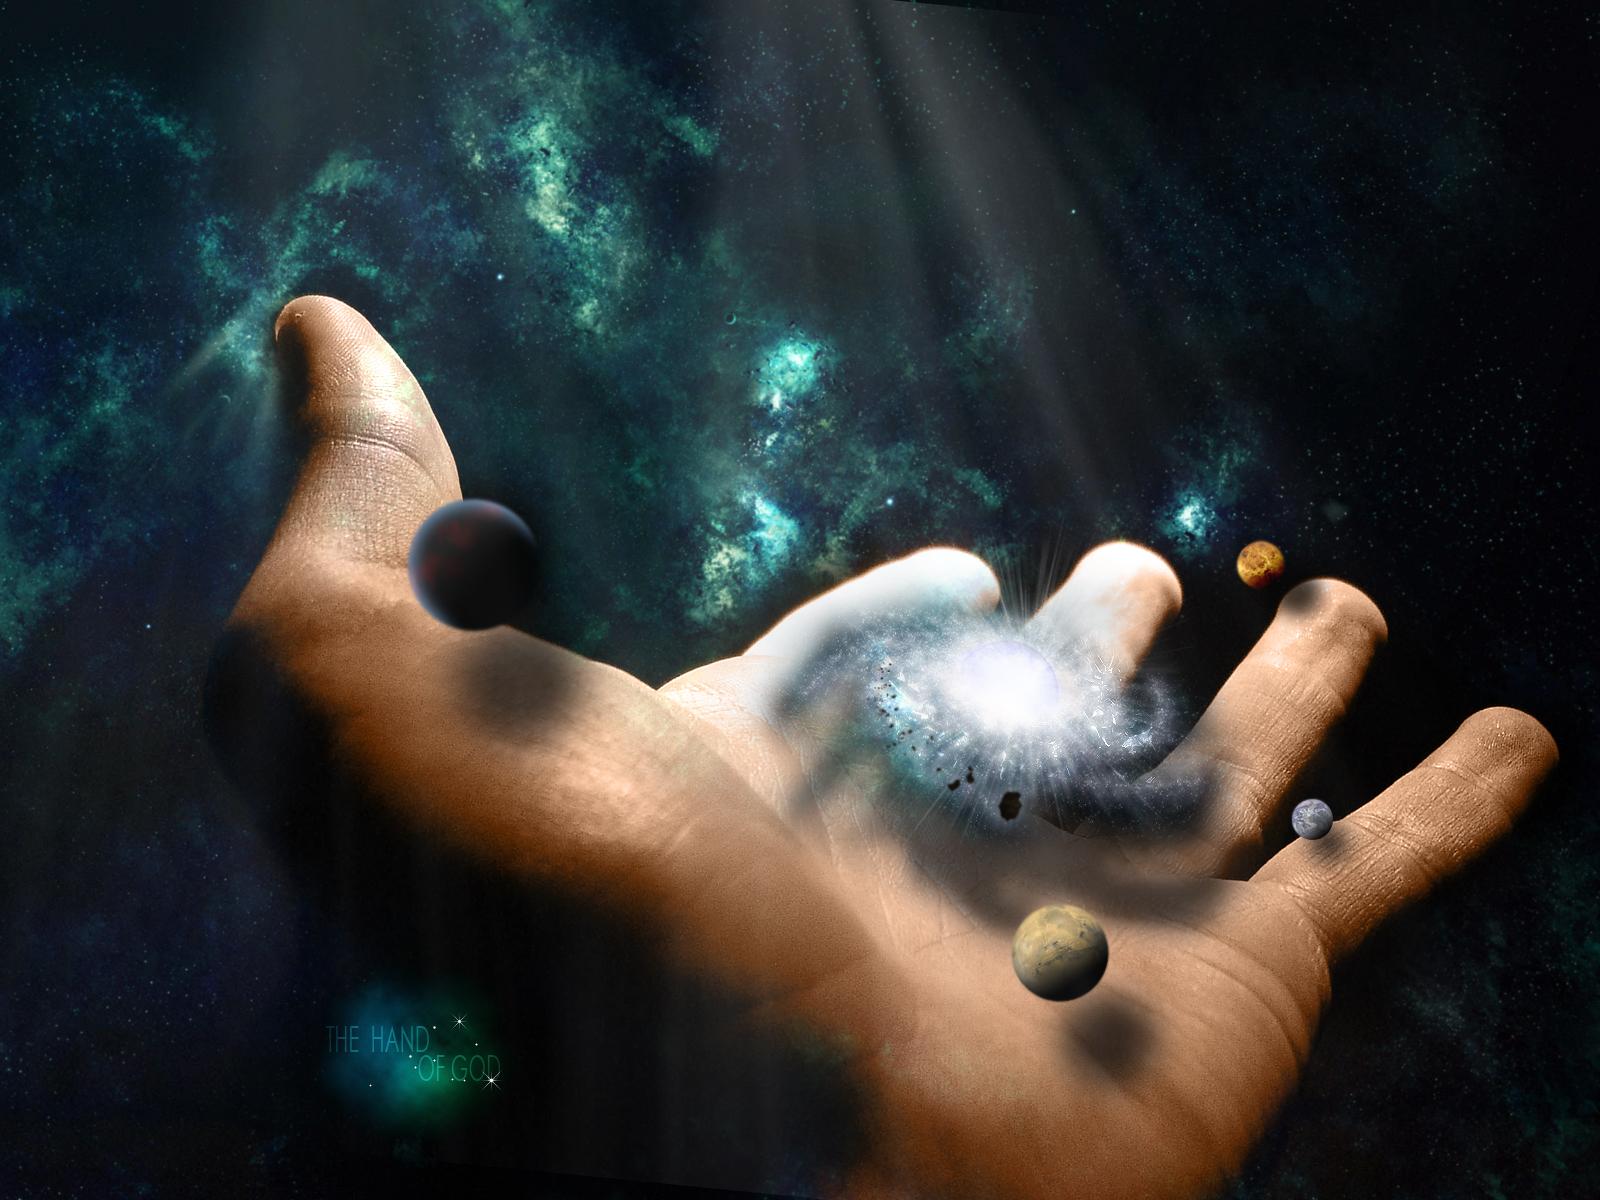 Božja ruka